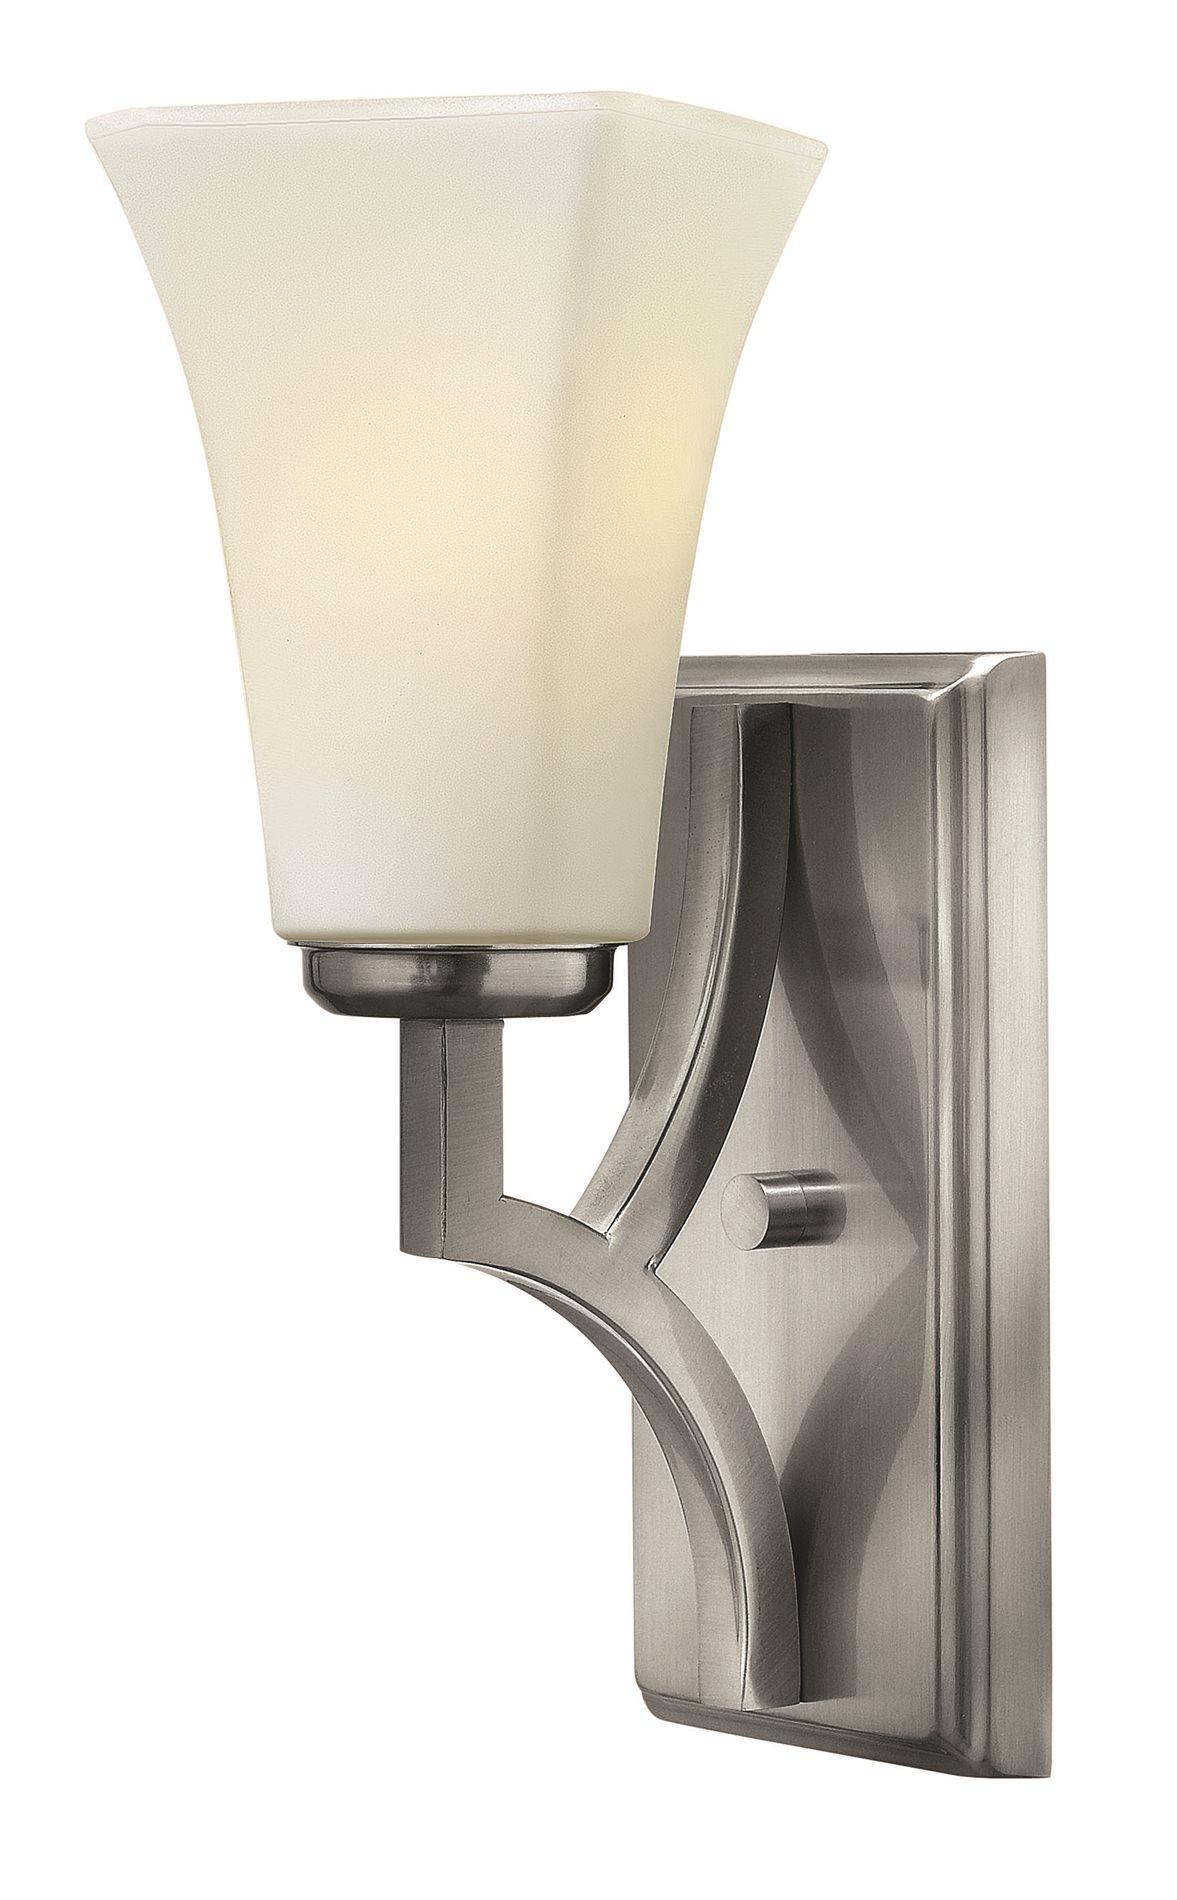 Hinkley Lighting 4190BN Spencer Wall Sconce HK-4190BN